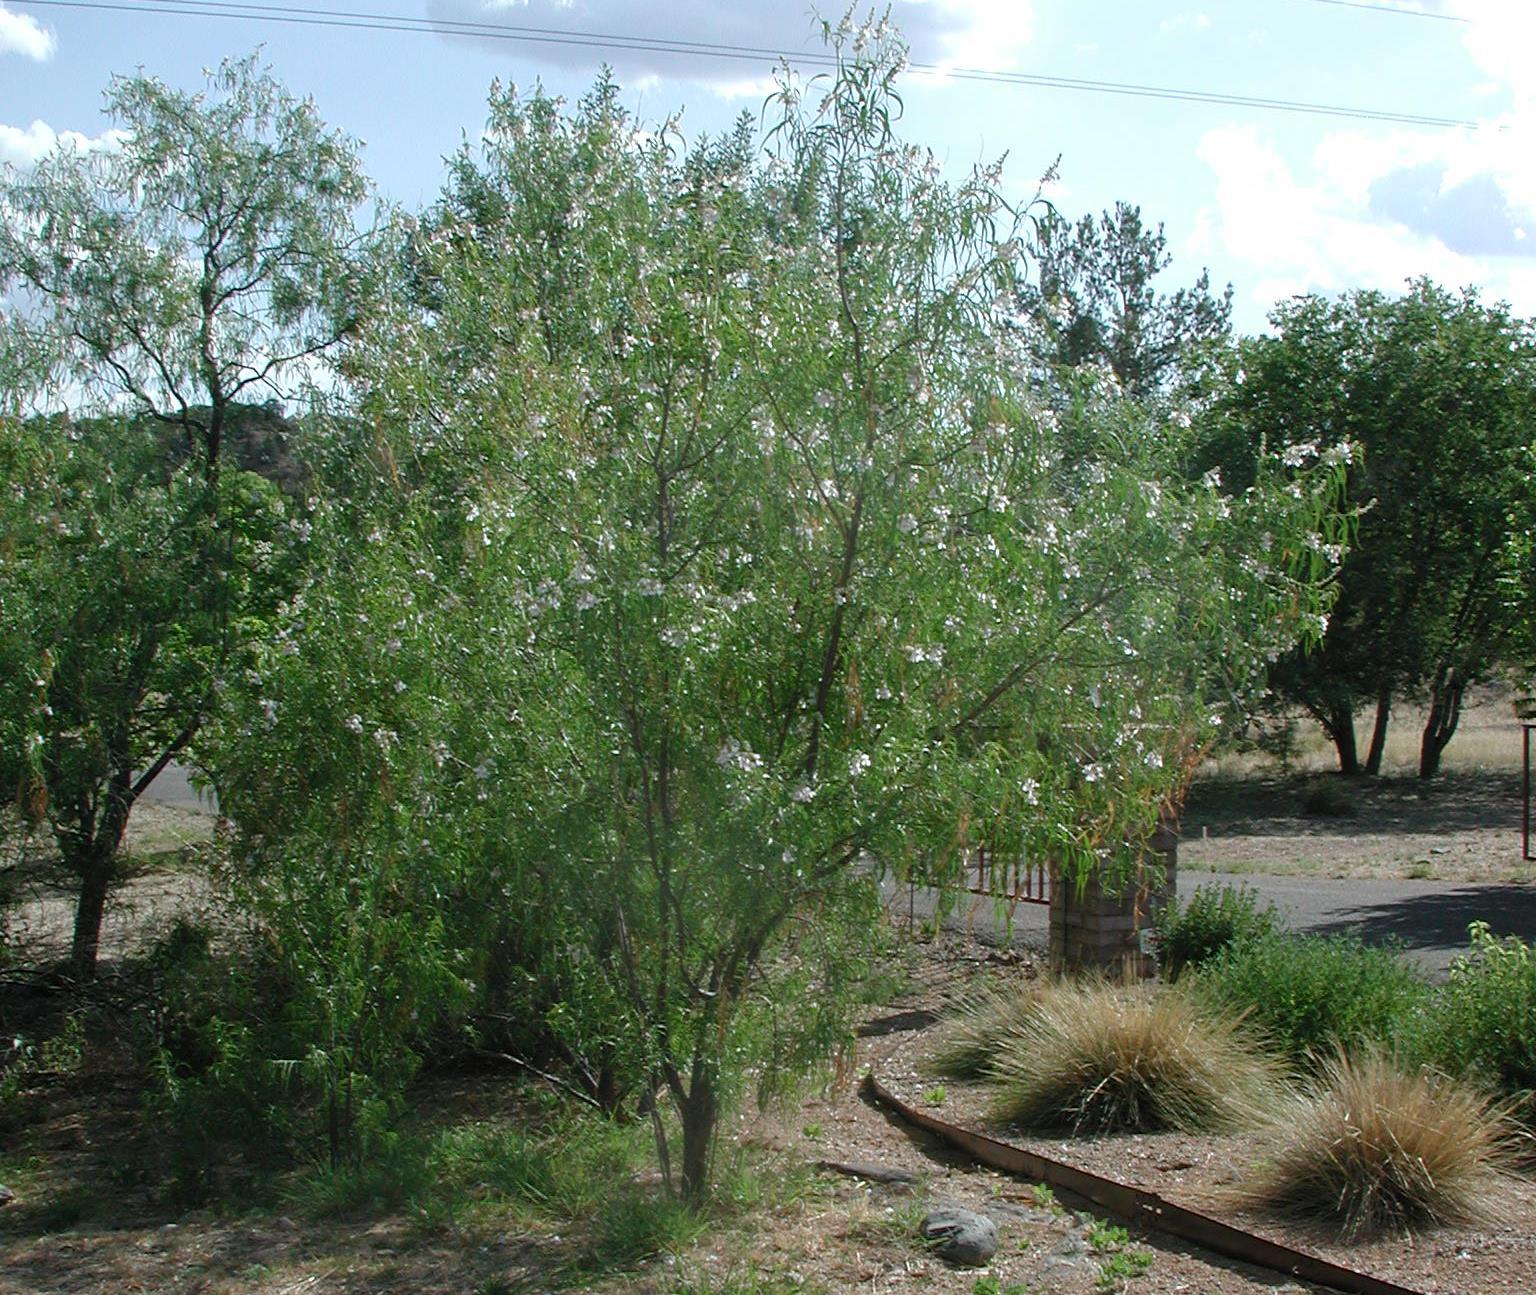 Backyard Gardener The Desert Willow Tree June 25 2014